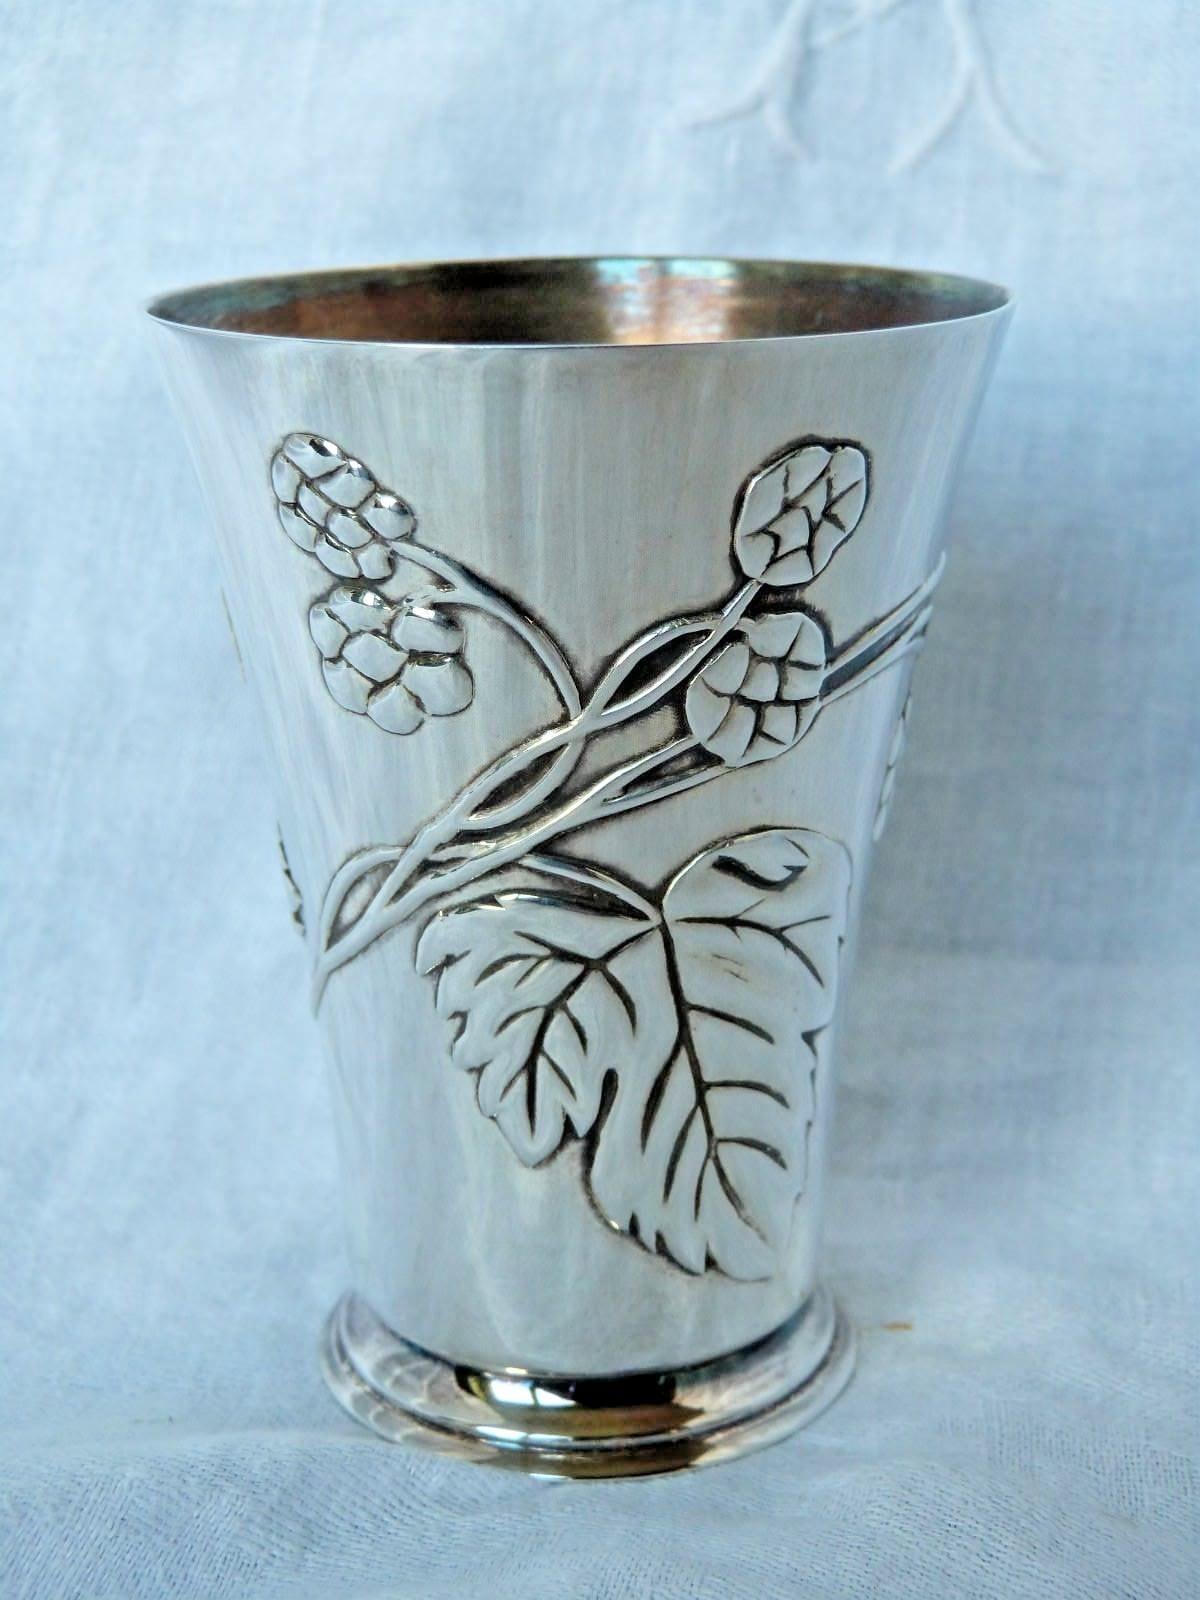 stile classico CHRISTOFLE  timbale ou gobelet style art nouveau nouveau nouveau  design unico